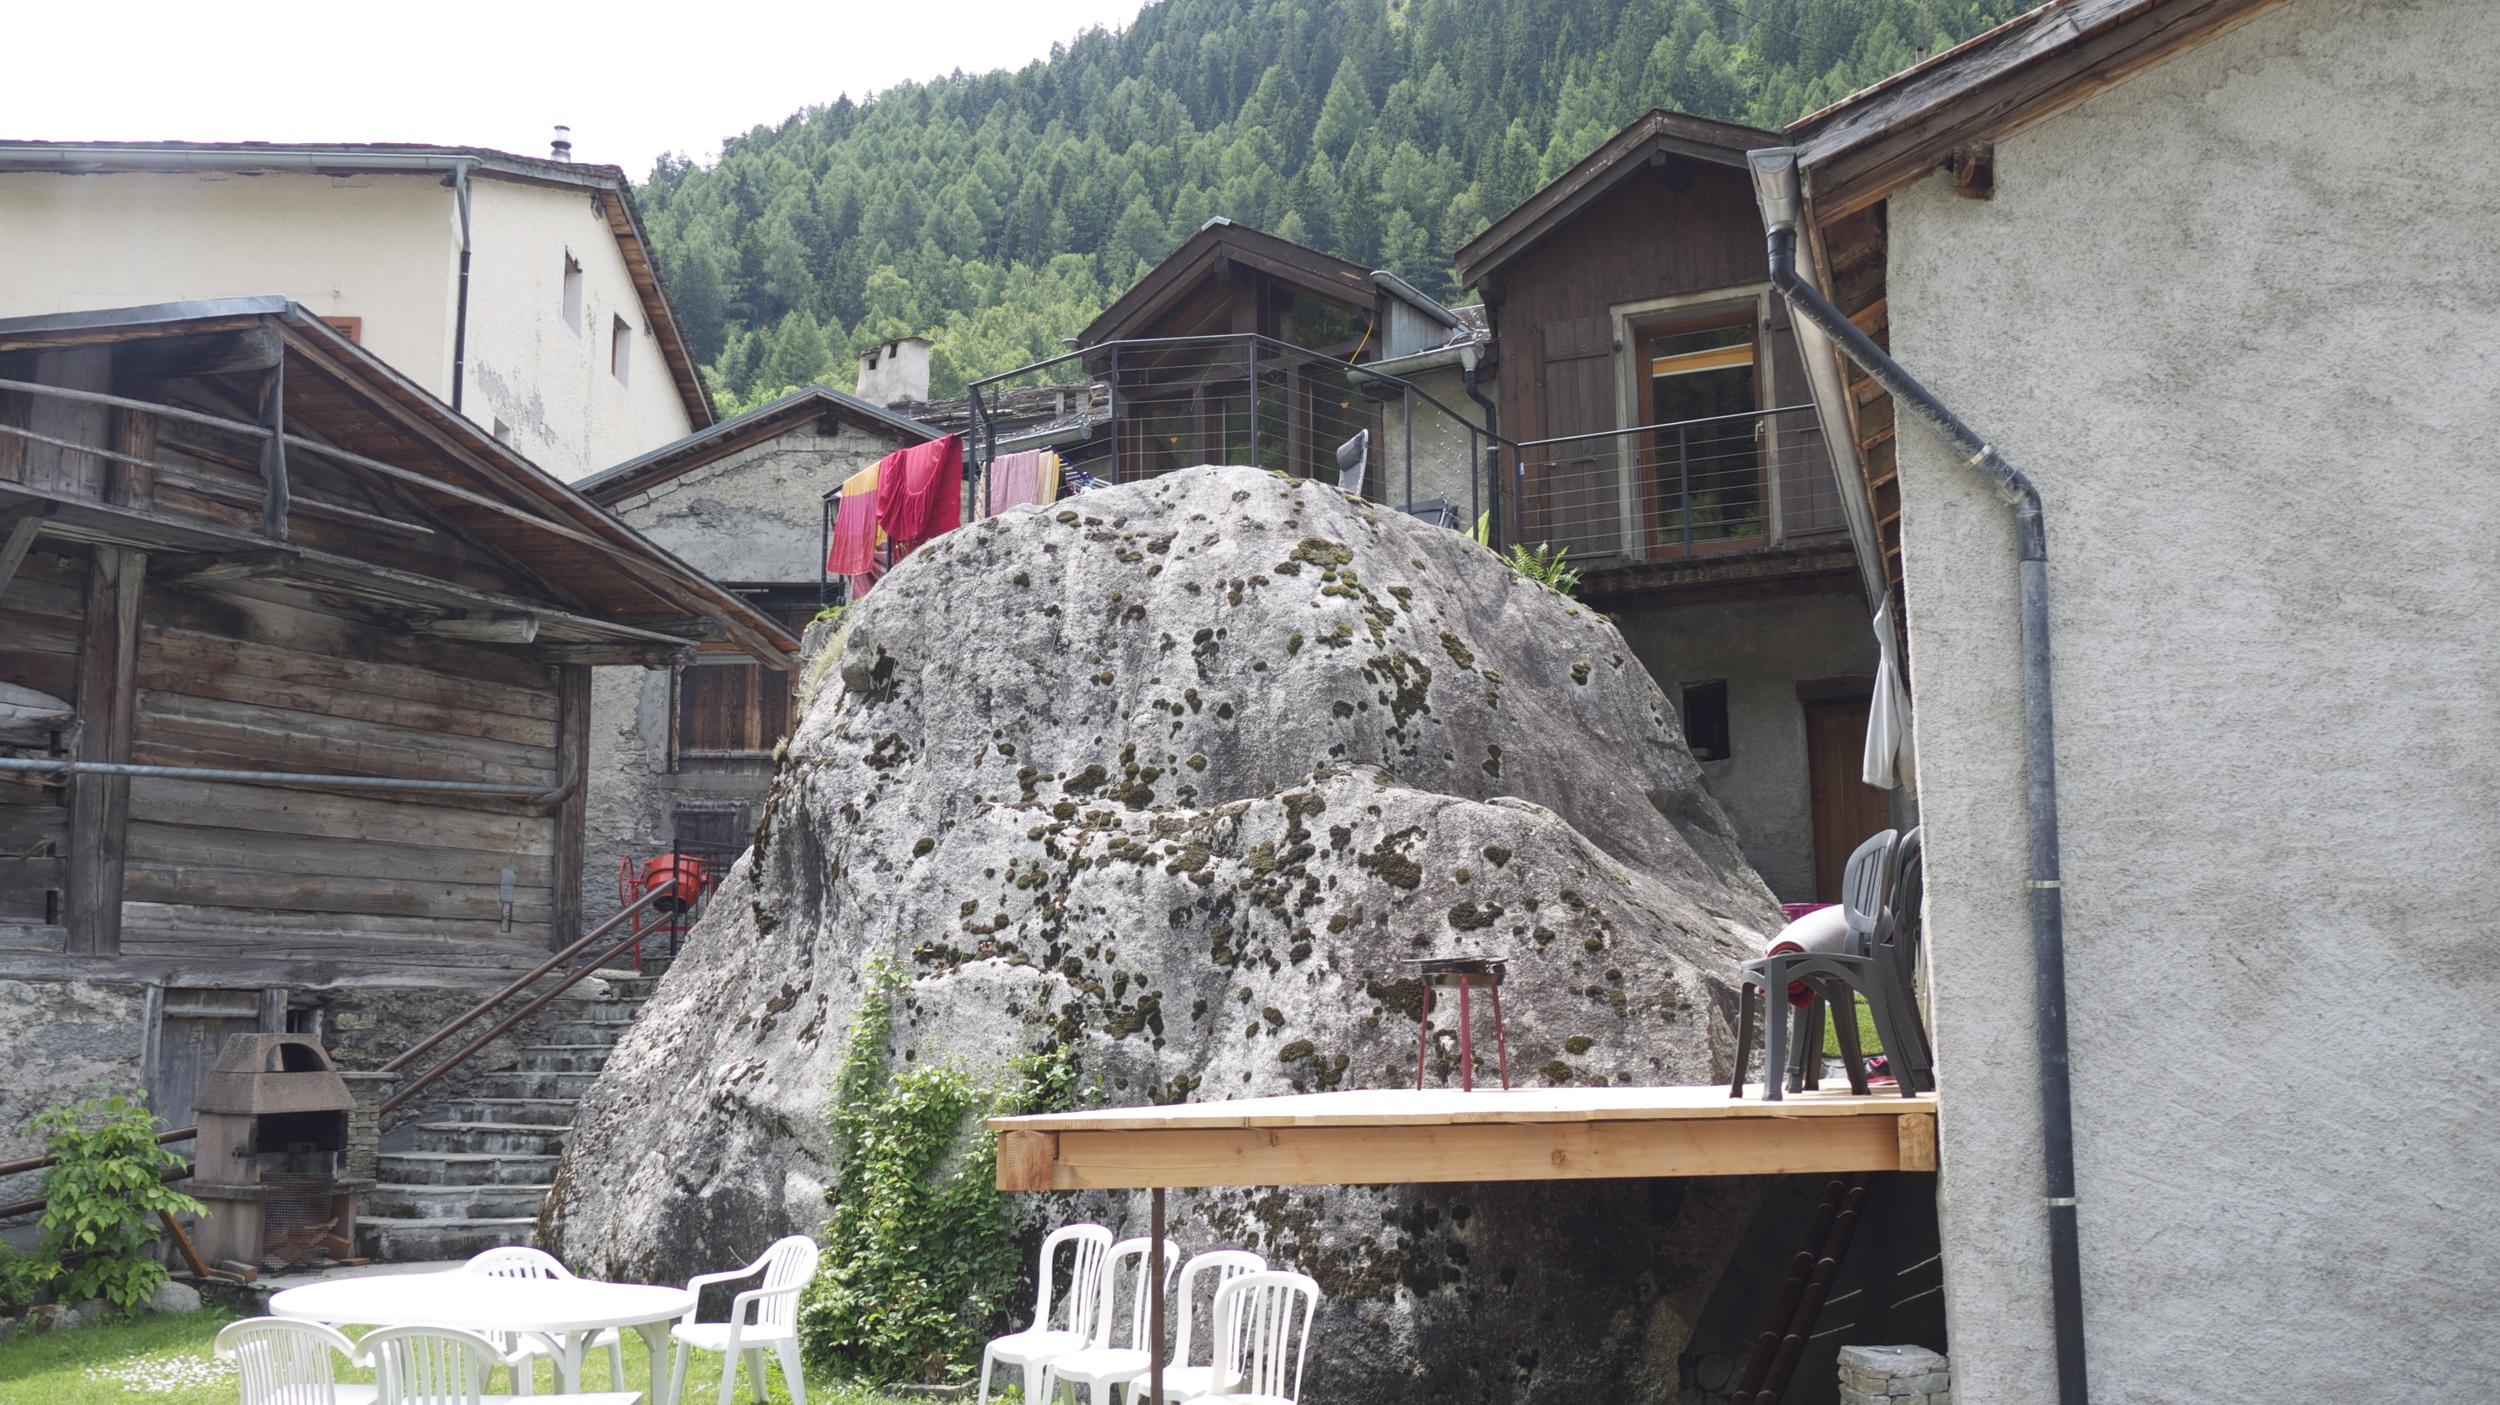 Alpine villages work with the landscape in creative ways.